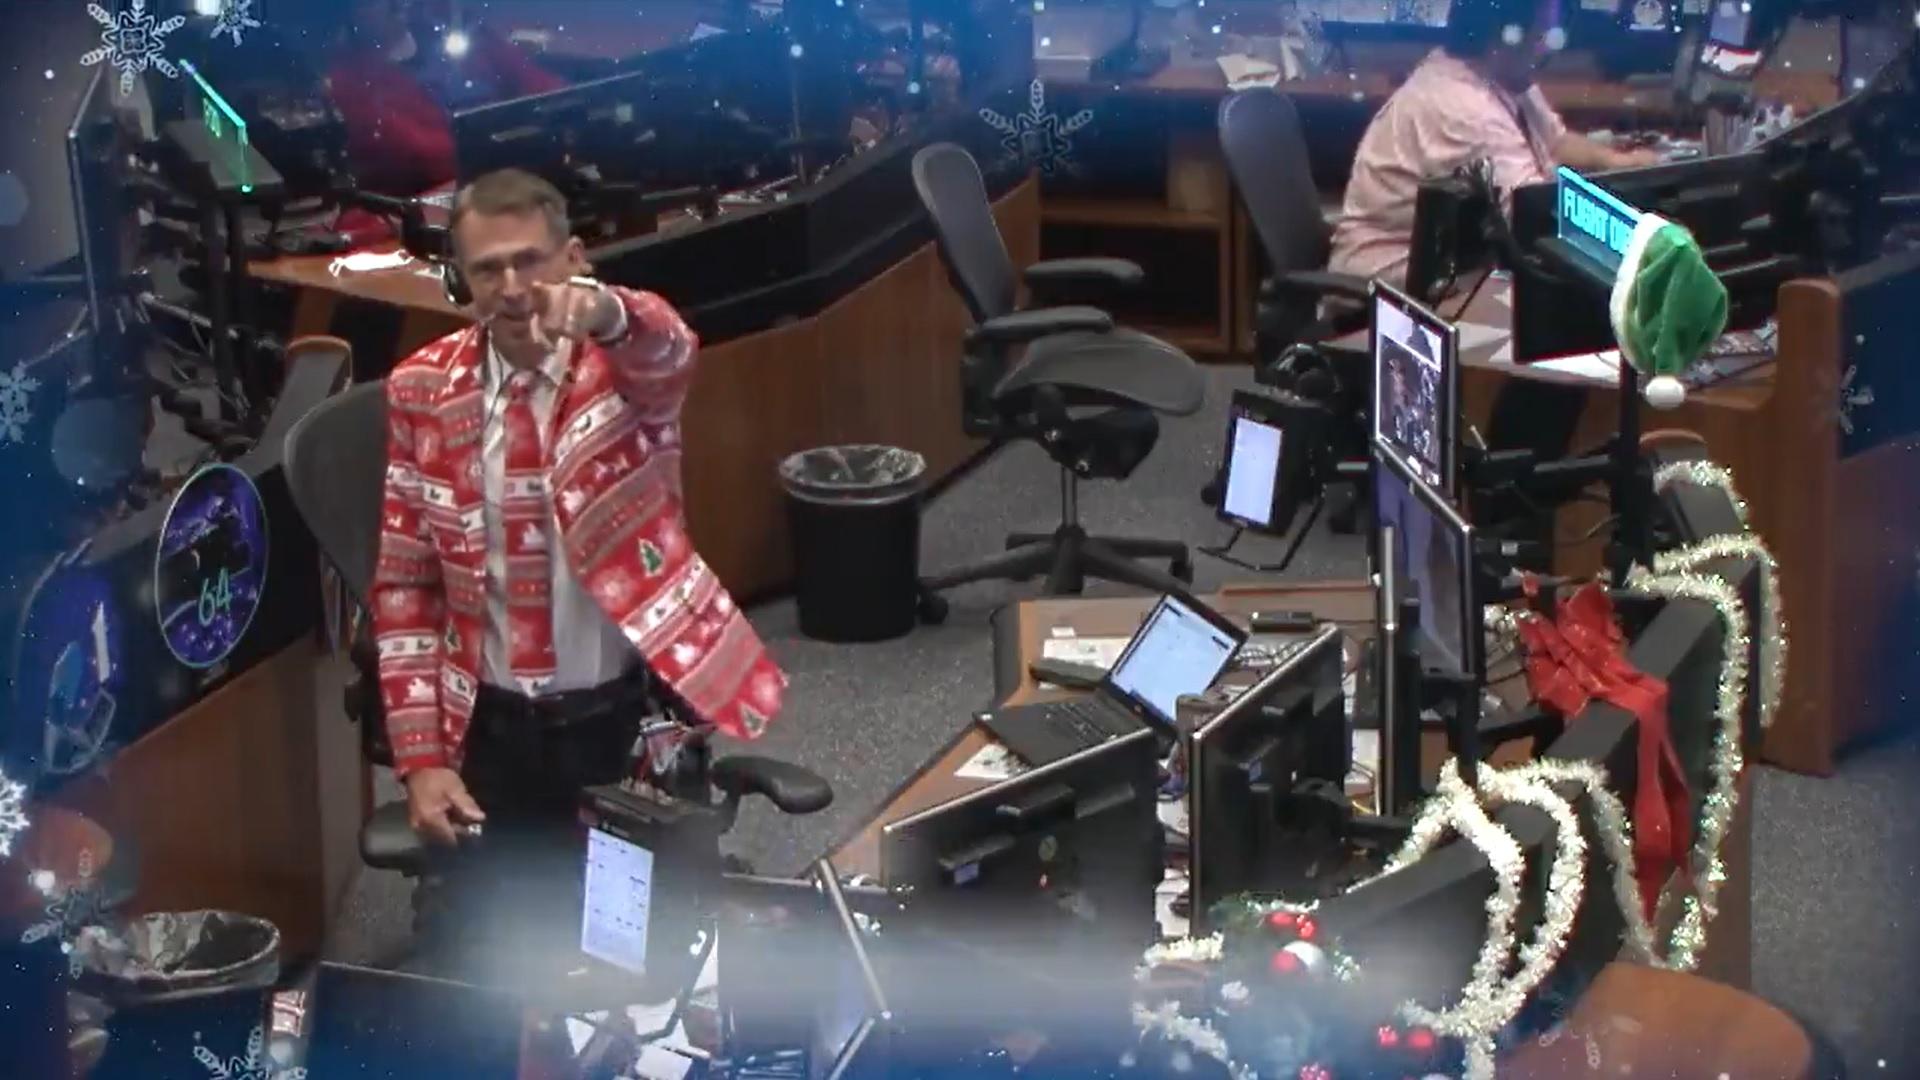 Cinq membres de l'équipage de l'Expédition 64 envoient un message de Noël à la Terre depuis la Station spatiale internationale pour célébrer les vacances de 2020.